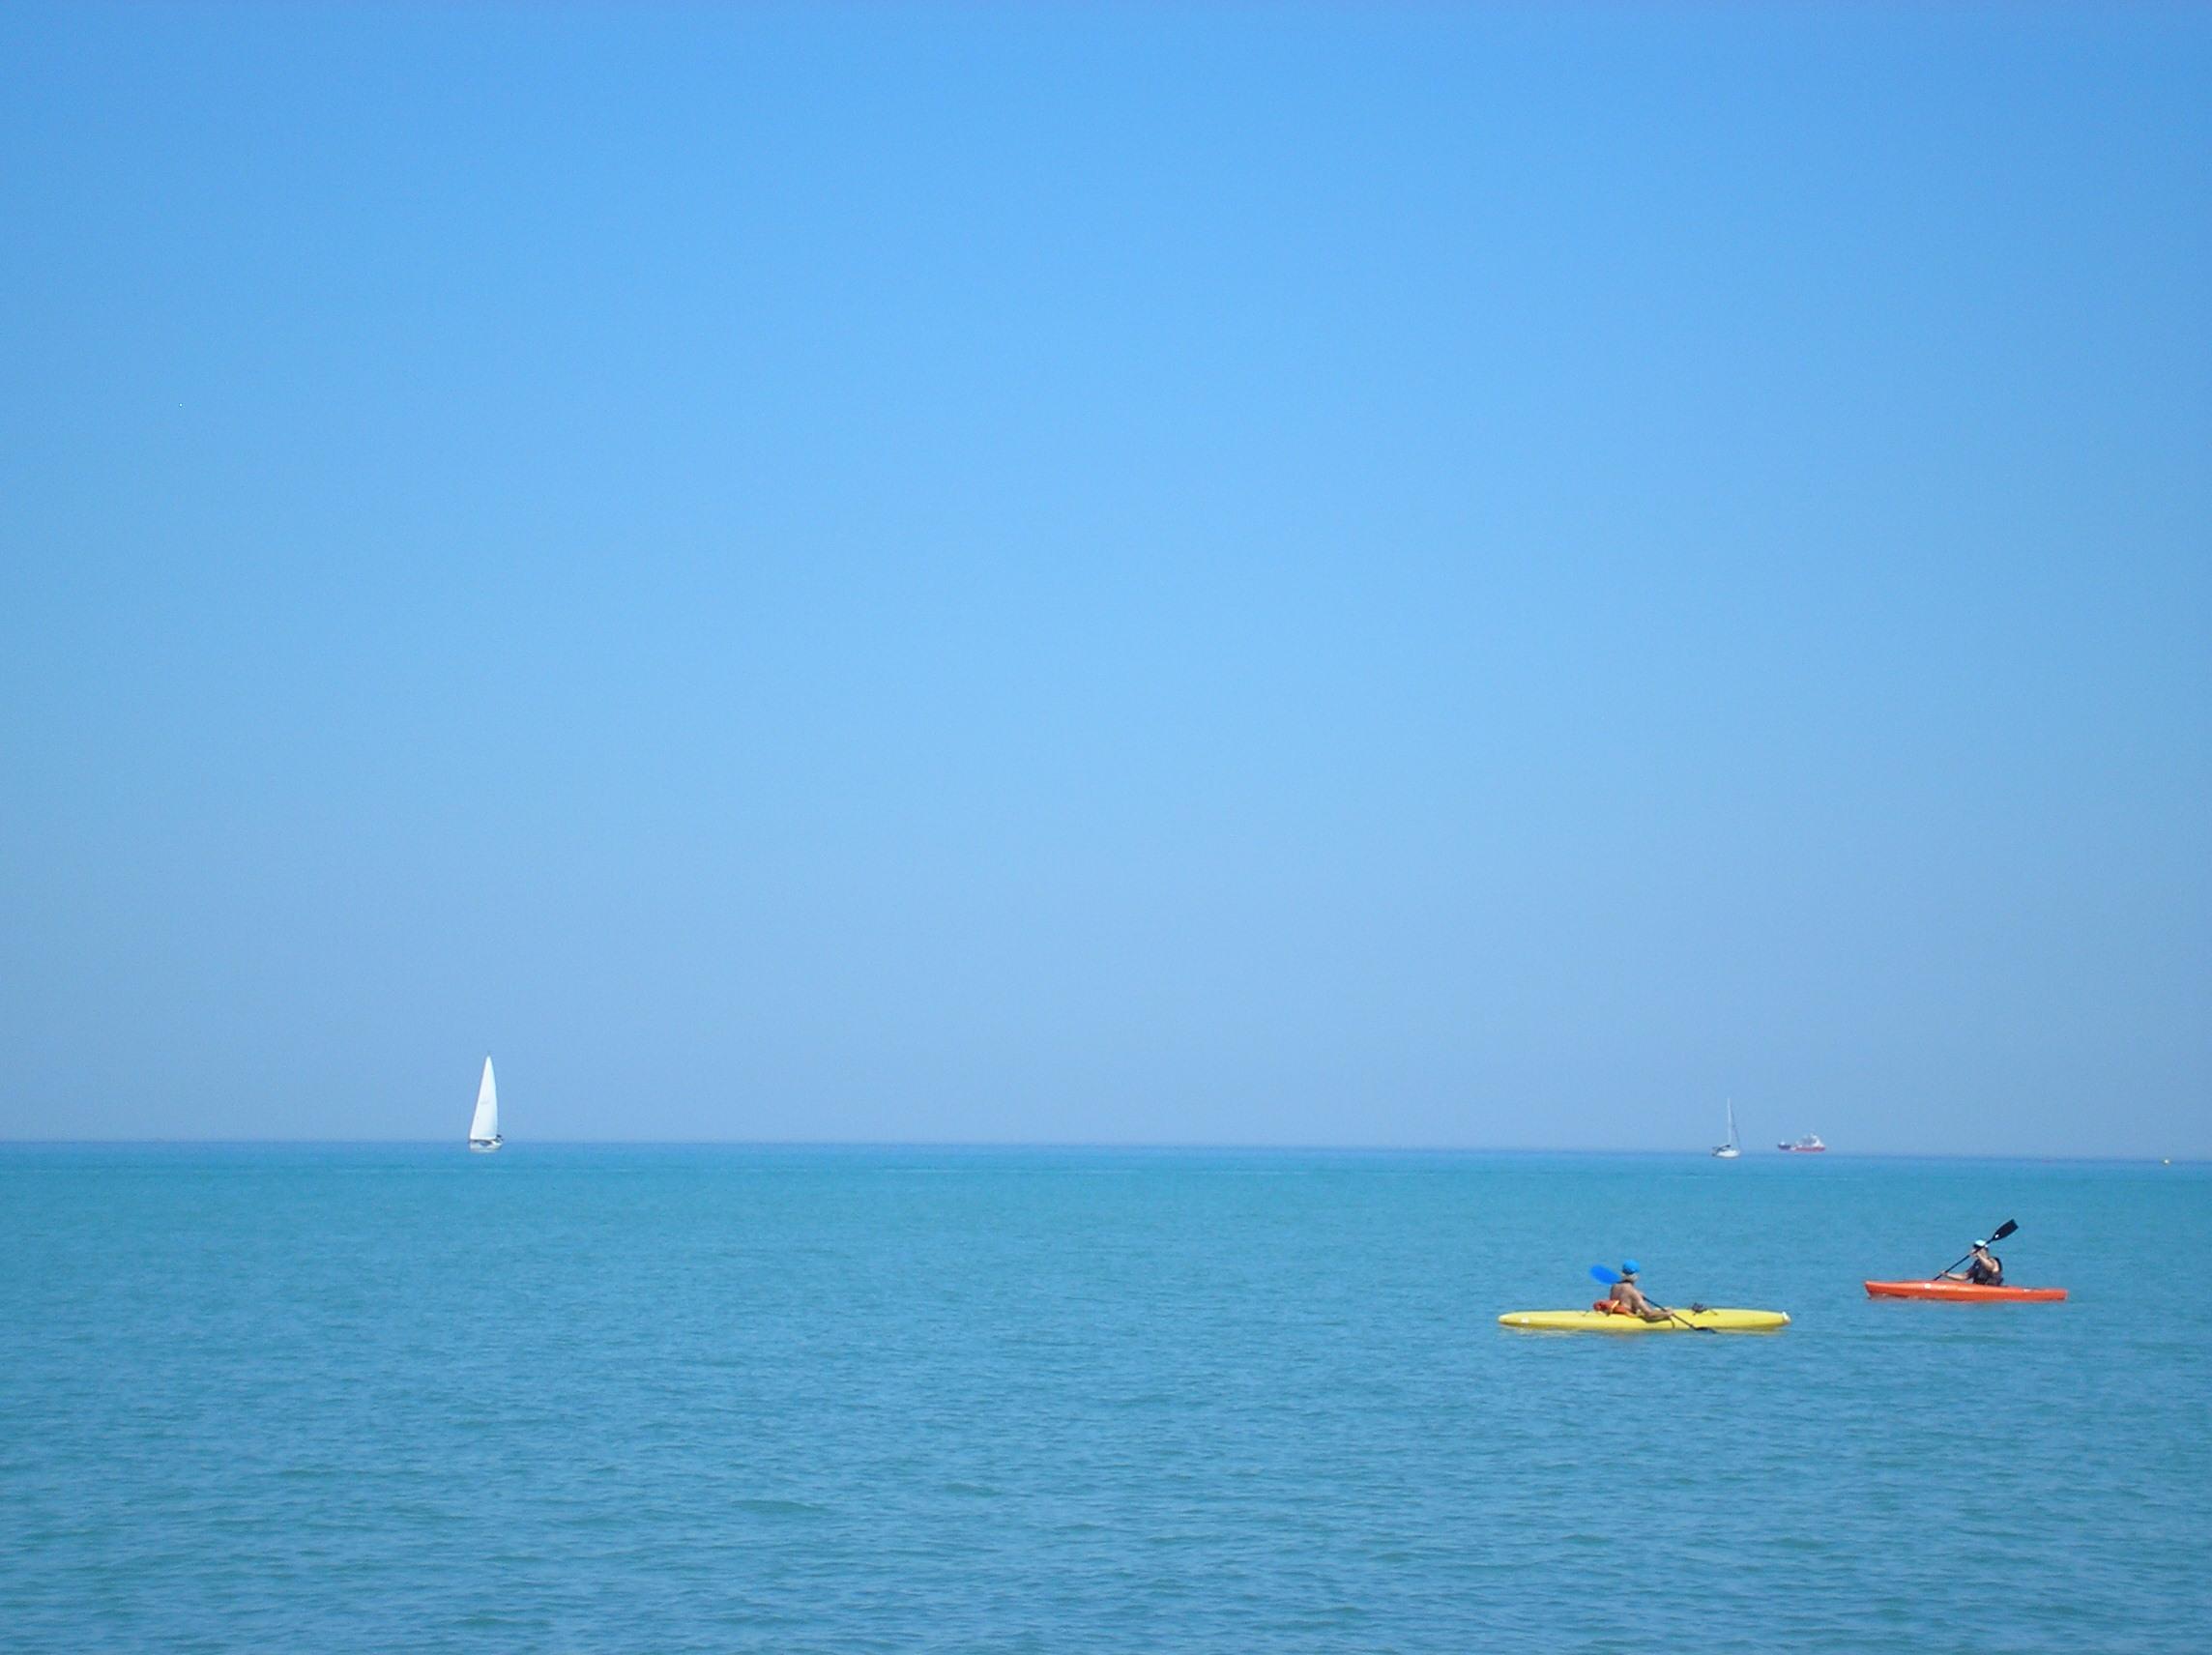 Canatara Park - kayaks